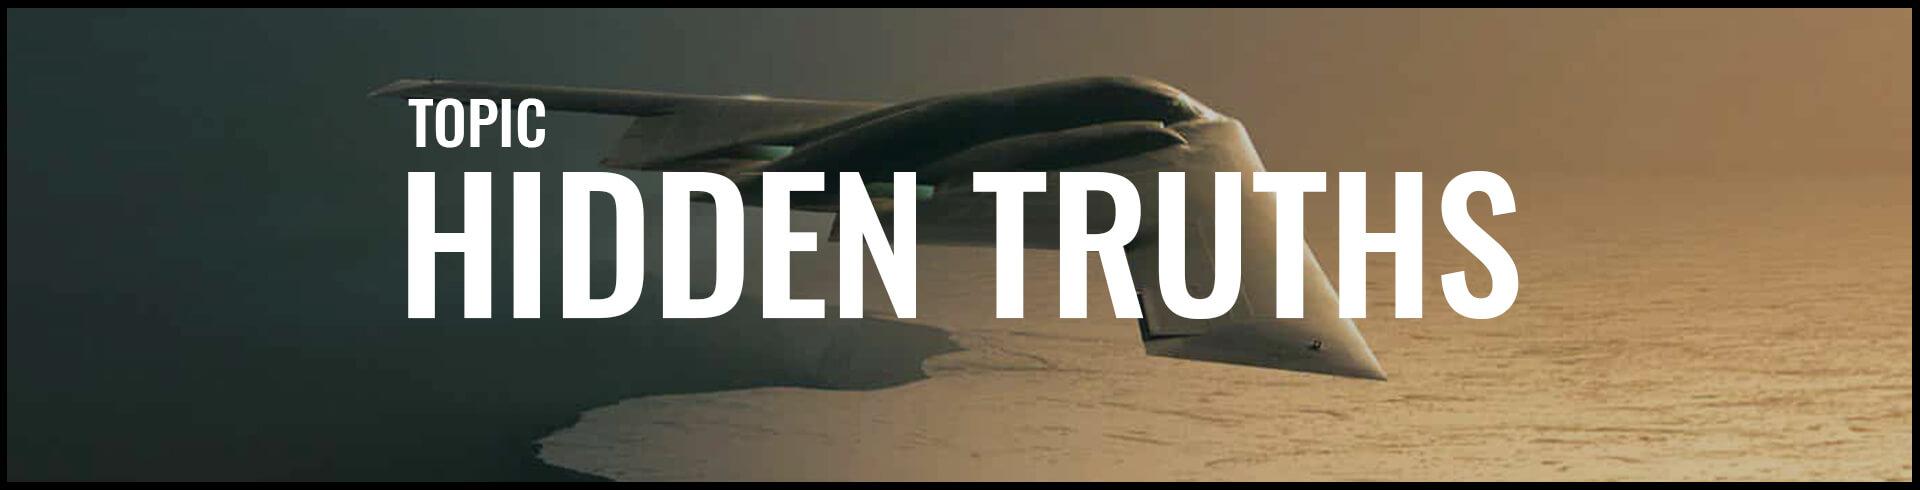 Hidden-Truths-Great-Awakening-Report